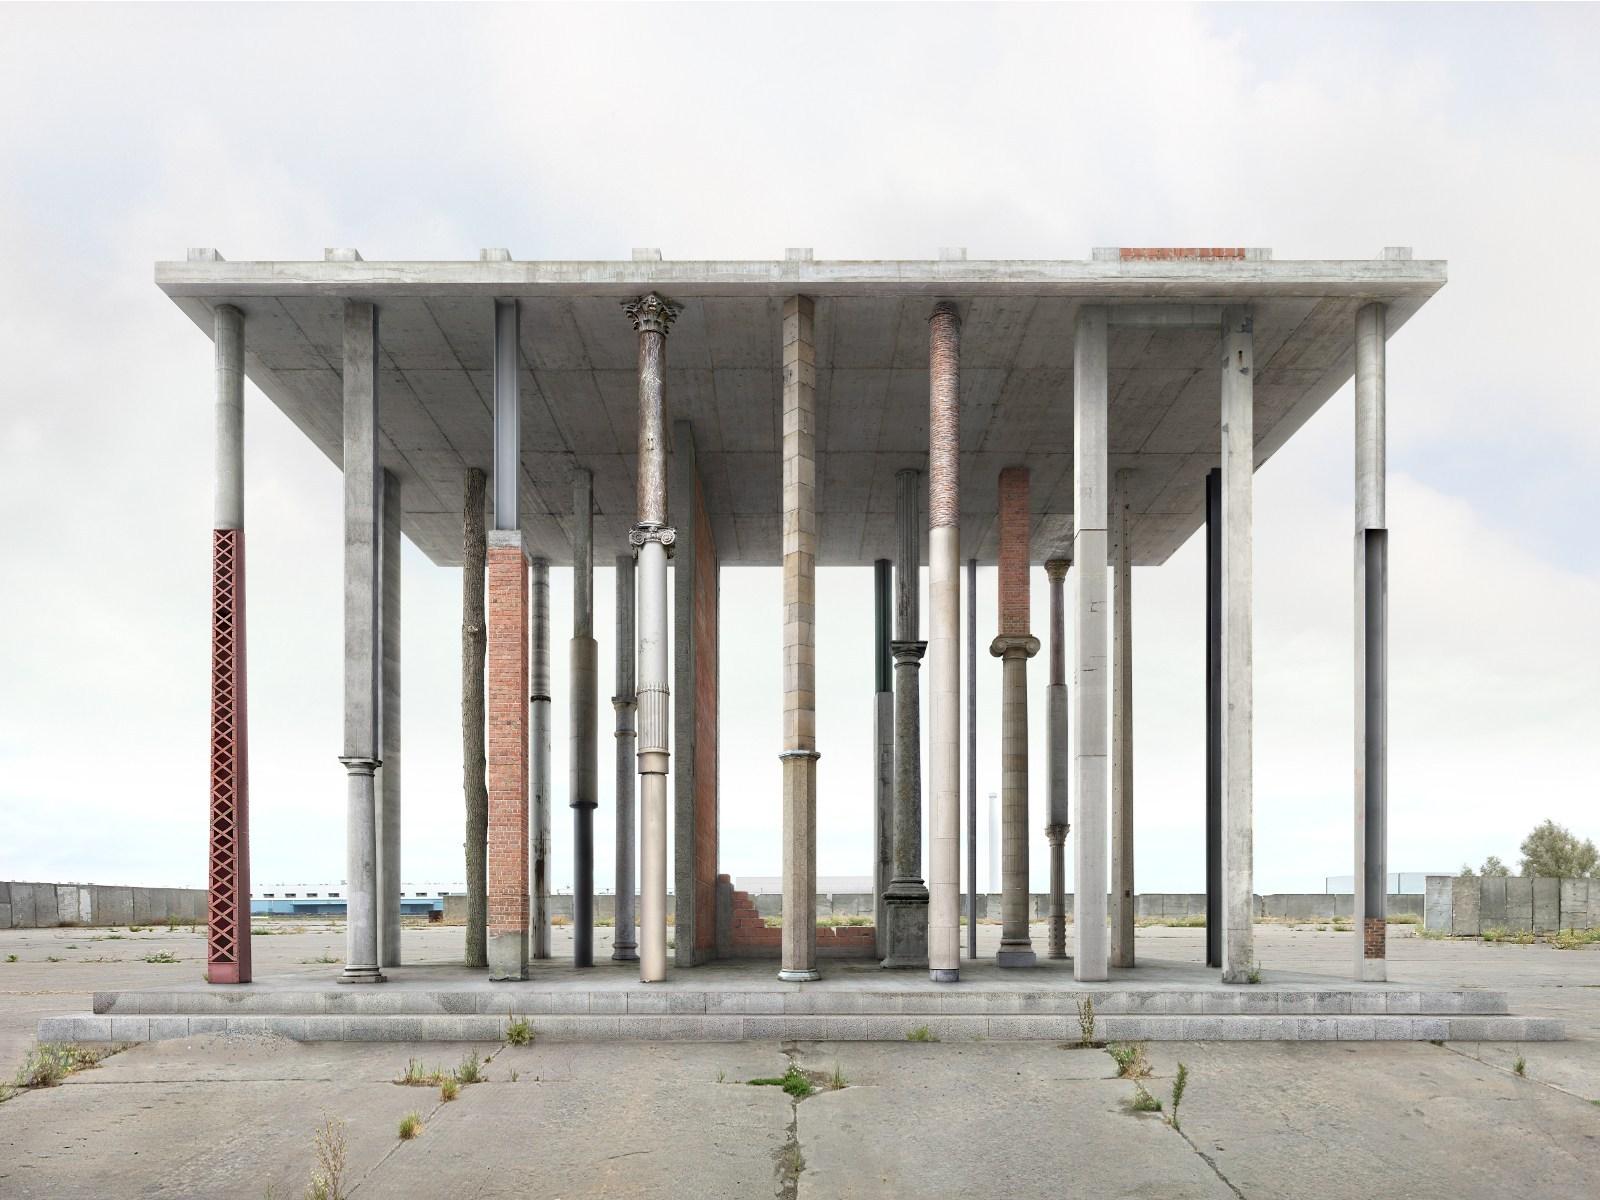 Flos alla biennale di architettura di venezia 2016 for Biennale di architettura di venezia